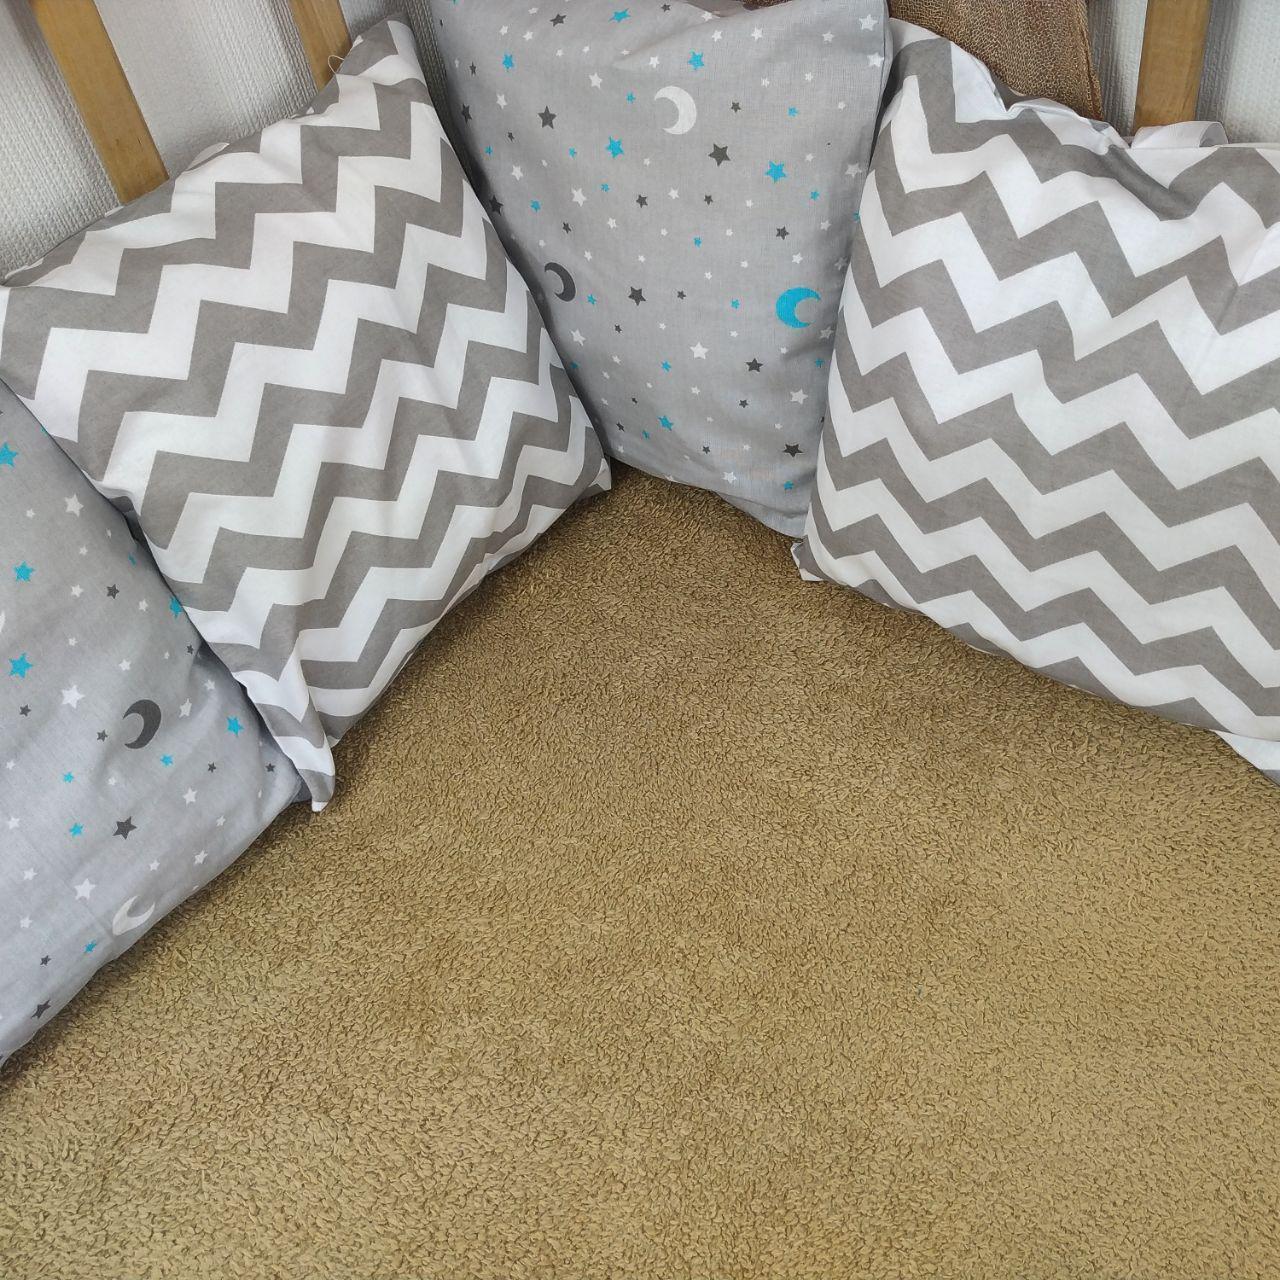 Бортики в детскую кровать на 3 стороны | Бортики в дитяче ліжко на 3 сторони 3 стороны ( 9шт ), С.ЗигЗаг+Ночь